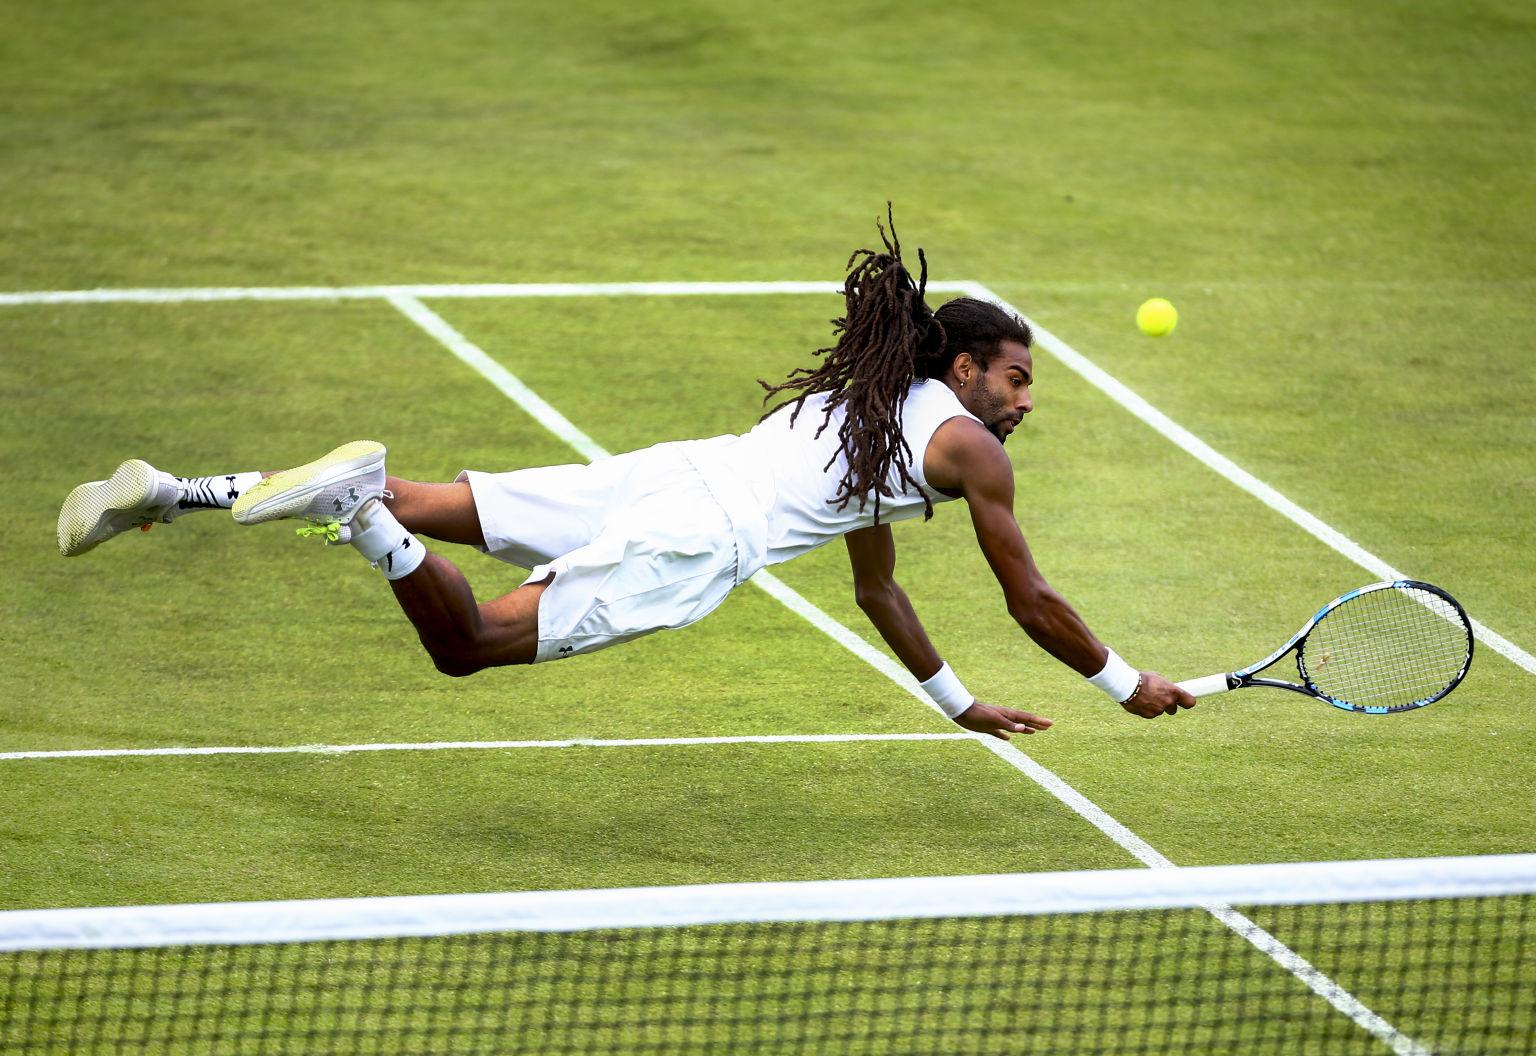 Rasenzeit ist Dustin Brown-Zeit. Mit dem Sieg beim Challenger in Manchester sicherte er sich eine Wildcard für Wimbledon.